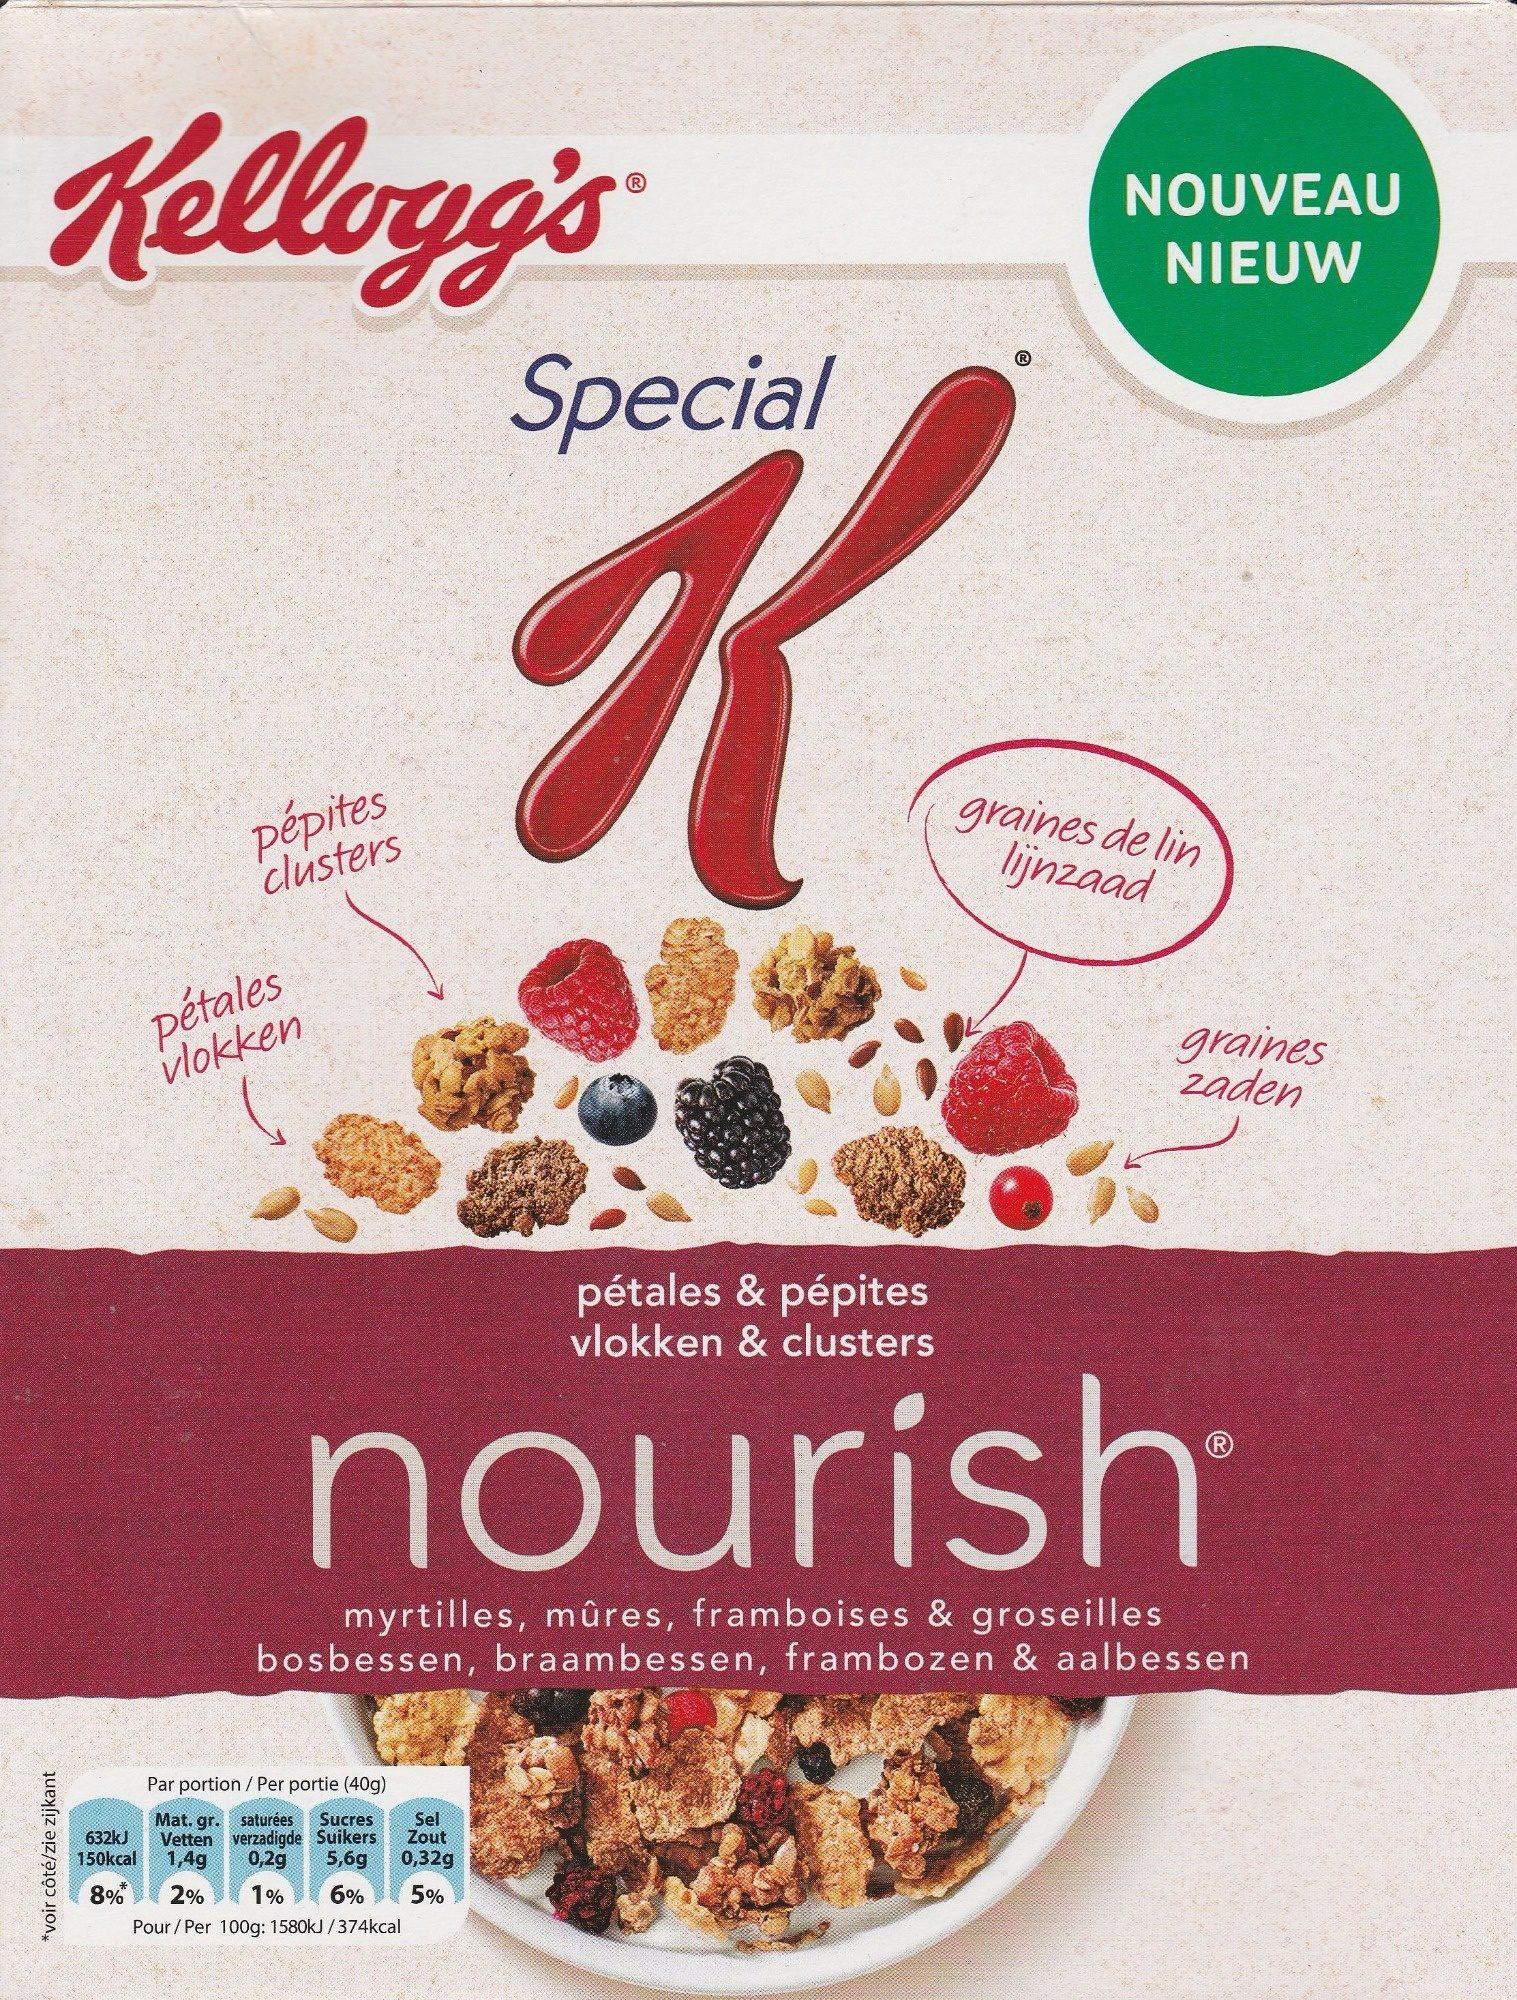 Special K nourish - myrtilles, mûres, framboises & groseilles - Product